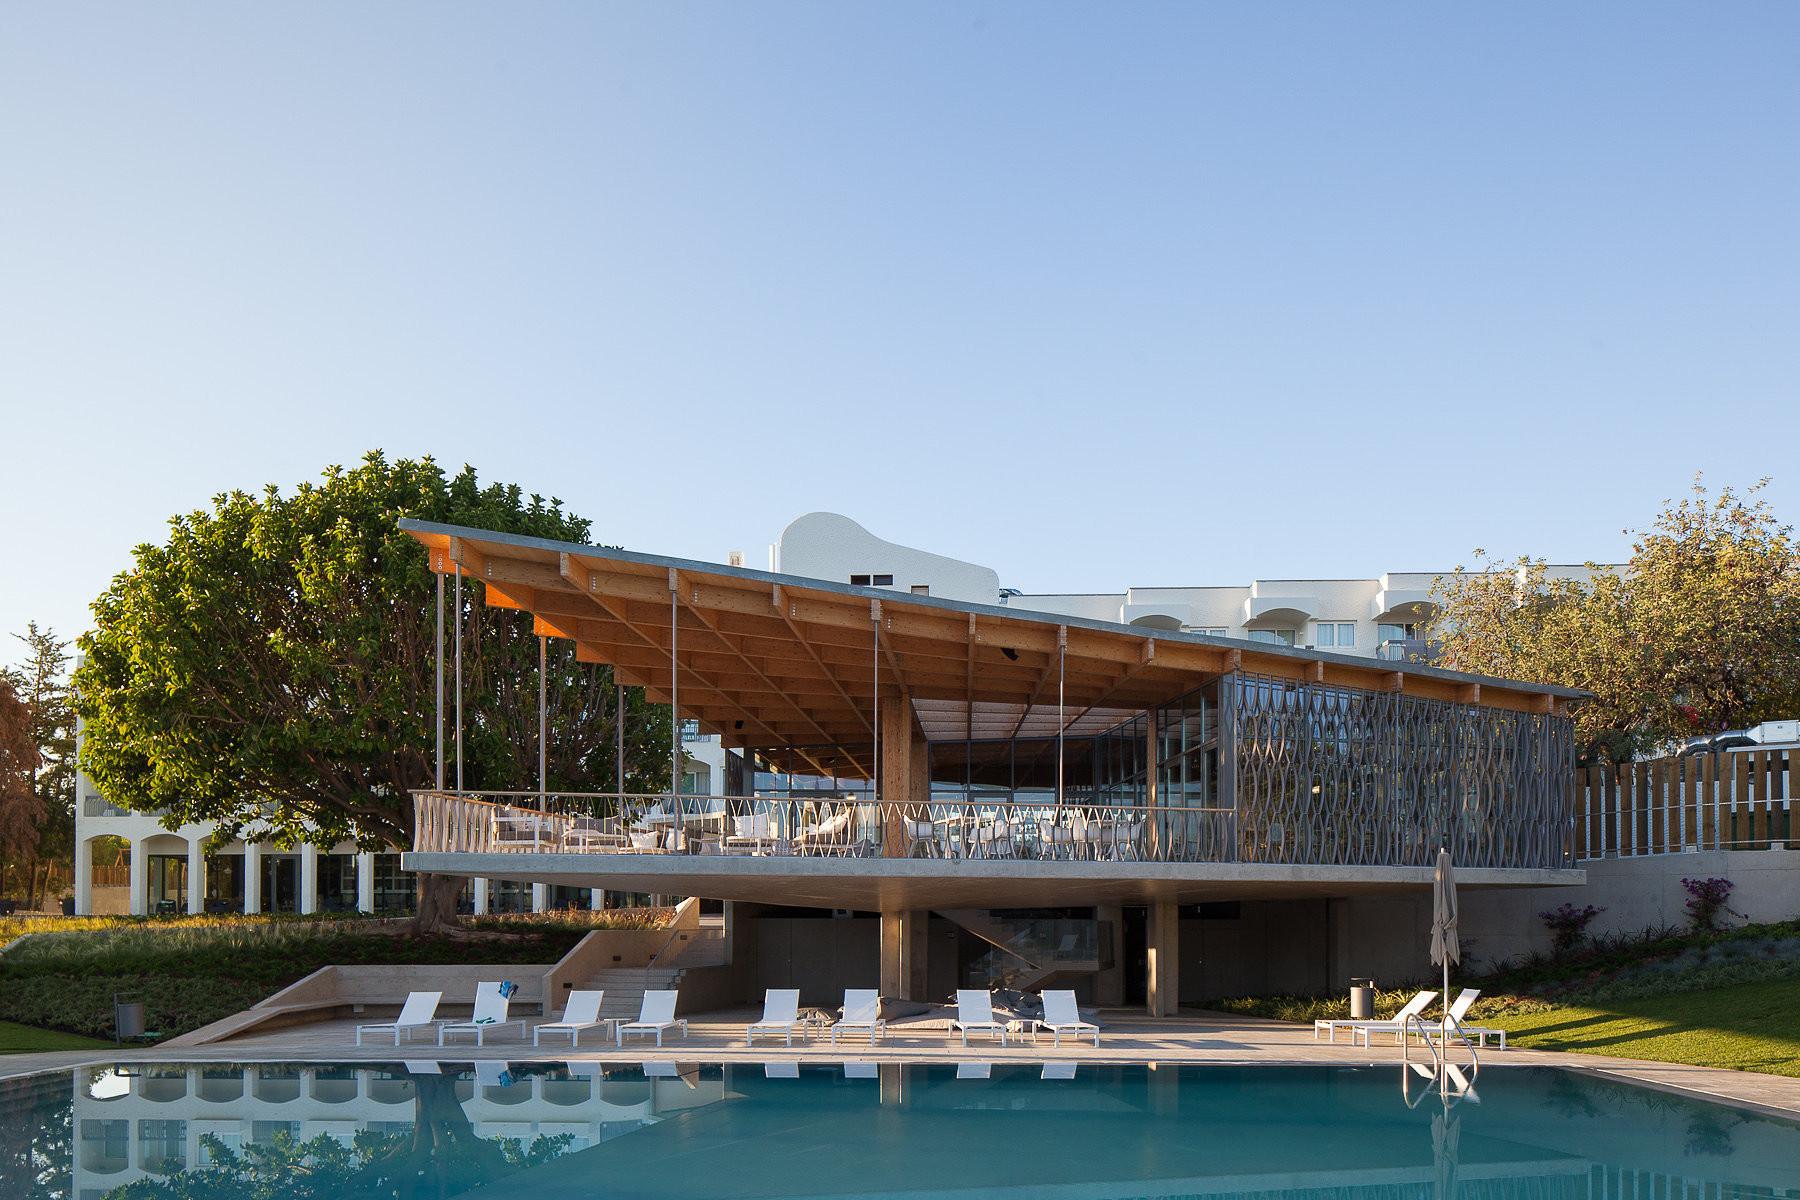 9 projetos portugueses entre os finalistas dos Prêmios FAD 2015, Hotel Ozadi. © José Campos